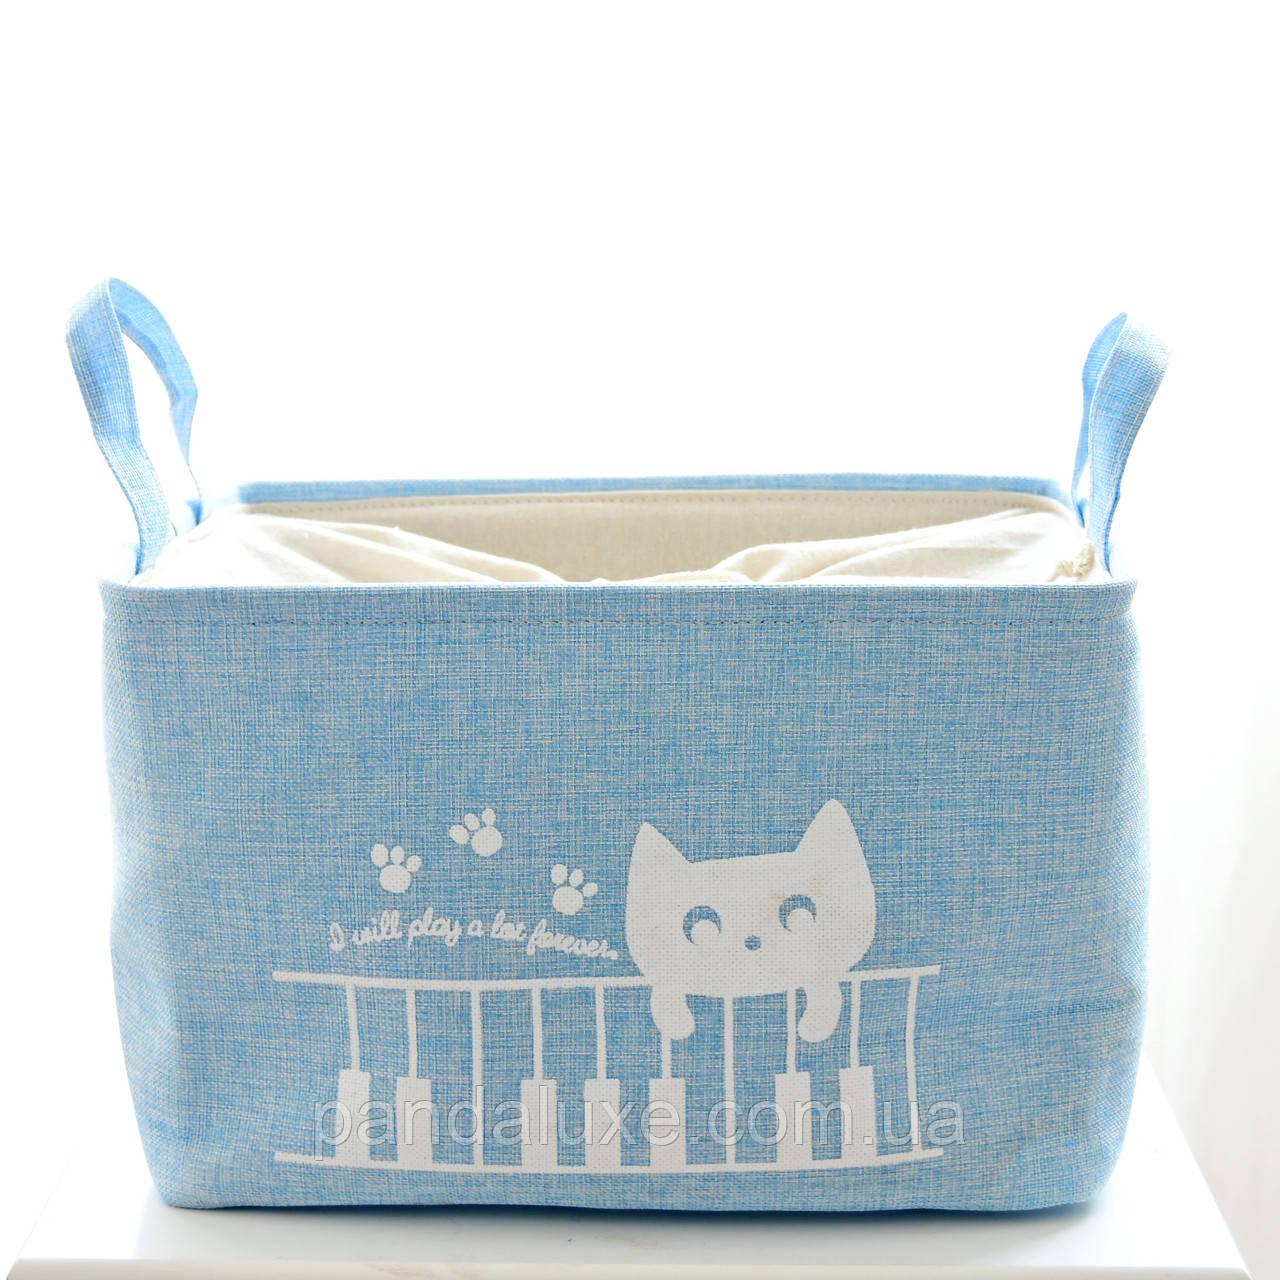 Корзина на завязках для хранения игрушек, белья, вещей Кот пианист